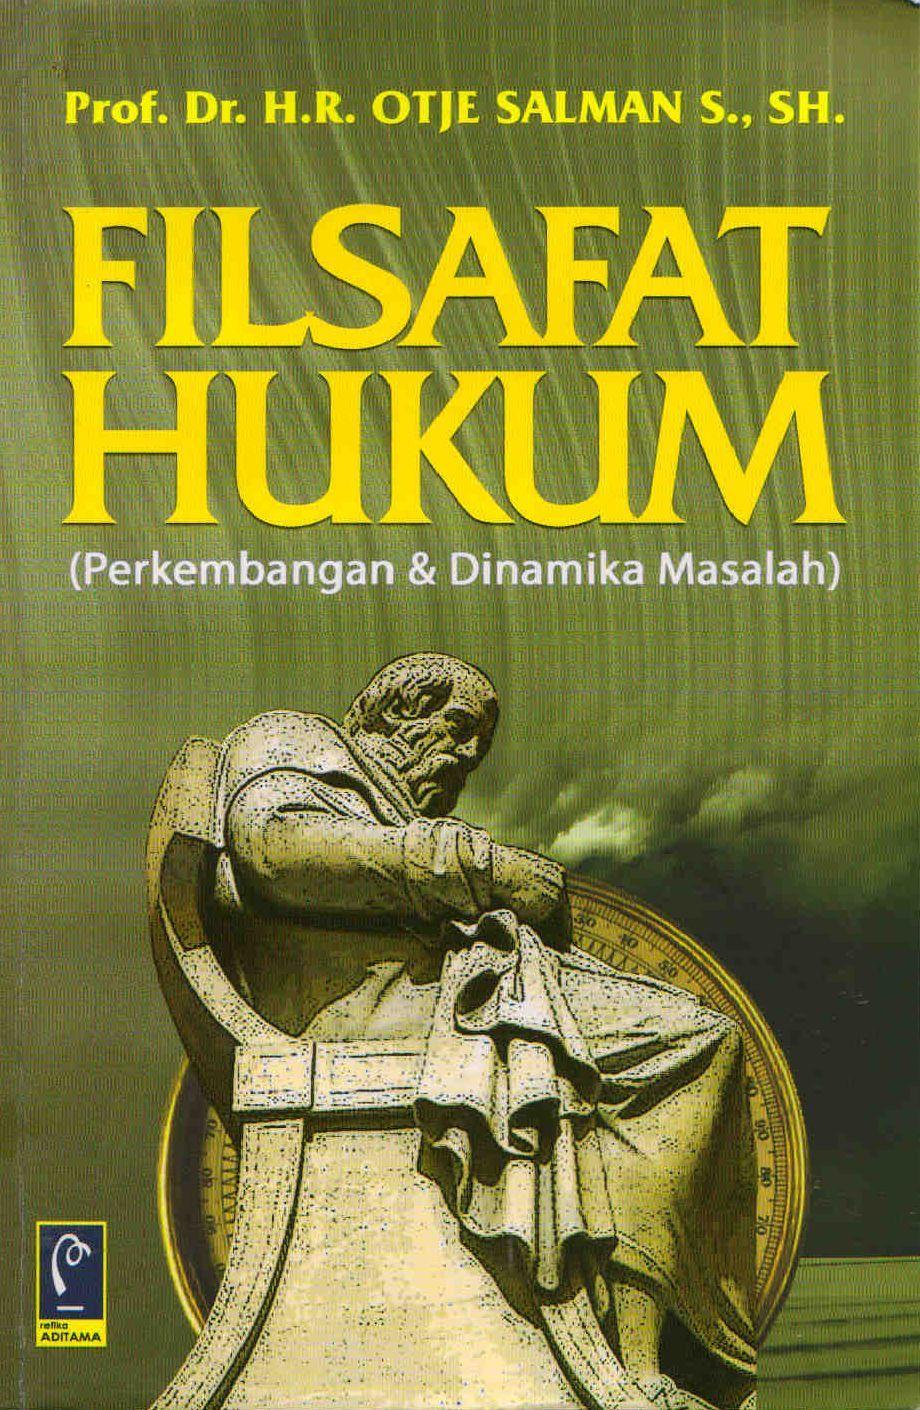 Filsafat ilmu pdf